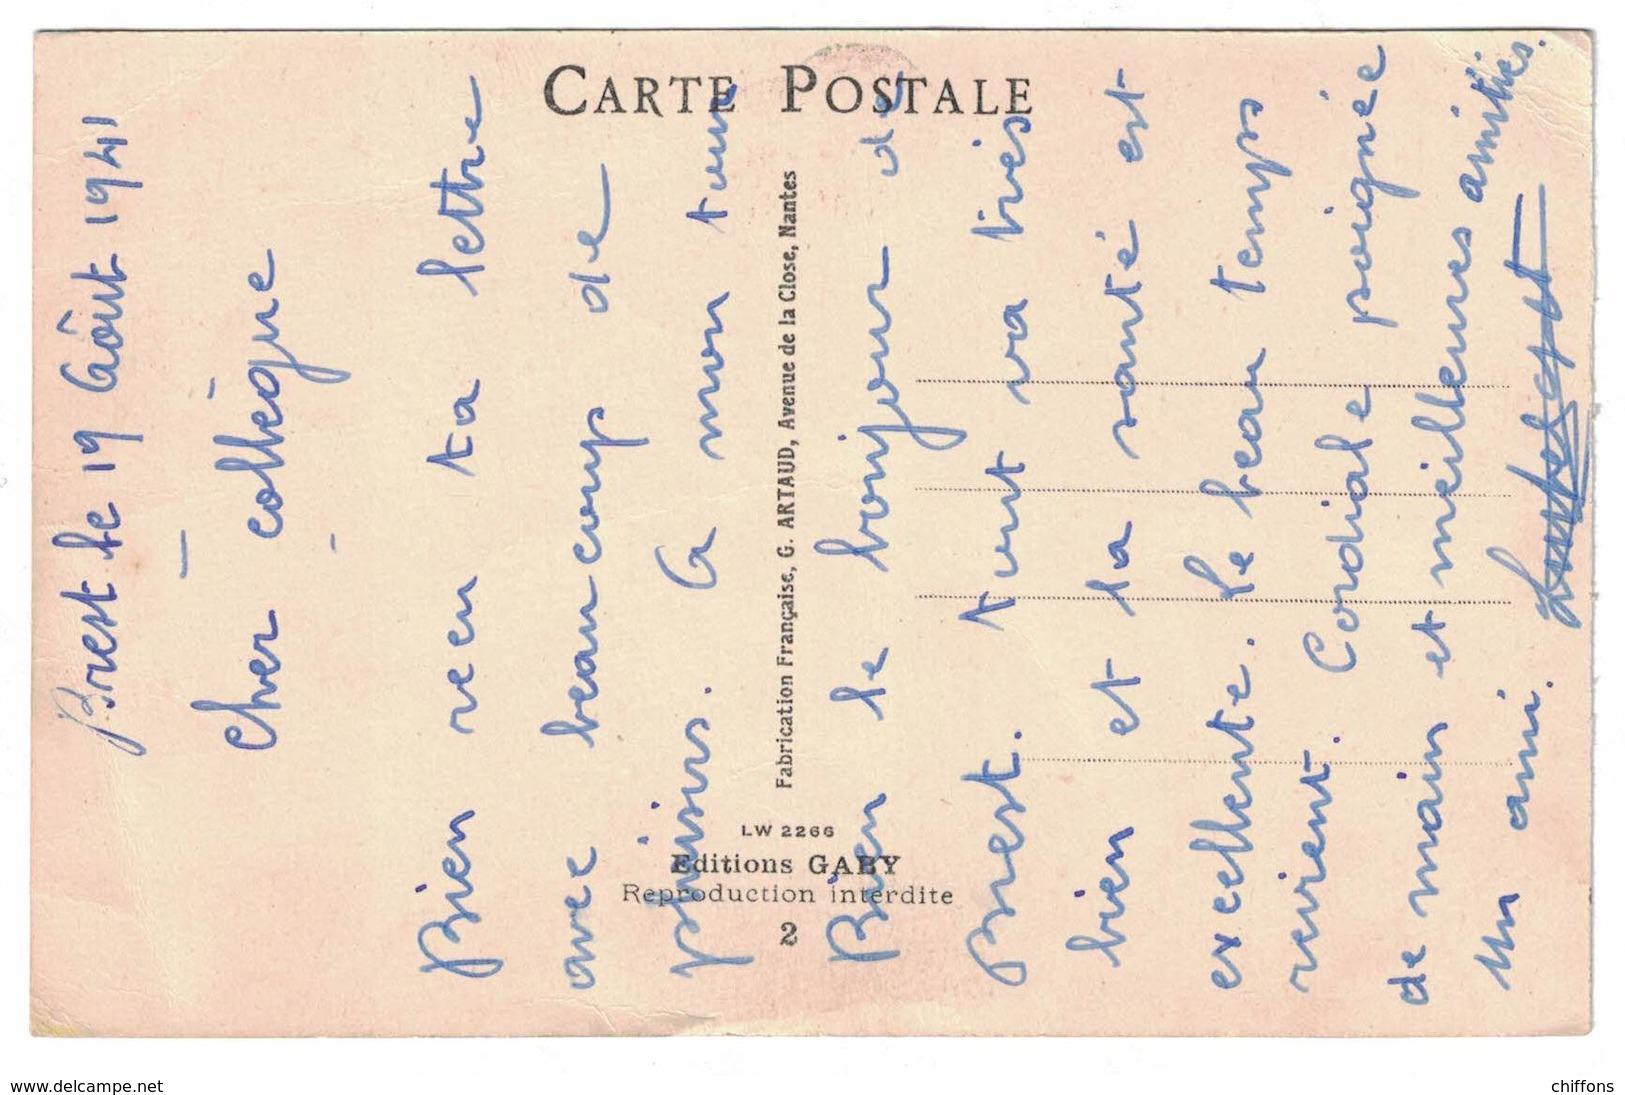 JOE / VOYONS VICTORINE PUISQUE J'TE DIS QU'IL EST TEMPS D'RENTRER / 1941 ECRITURE FABRICATION FRANCAISE G ARTHAUD NANTES - Illustrateurs & Photographes